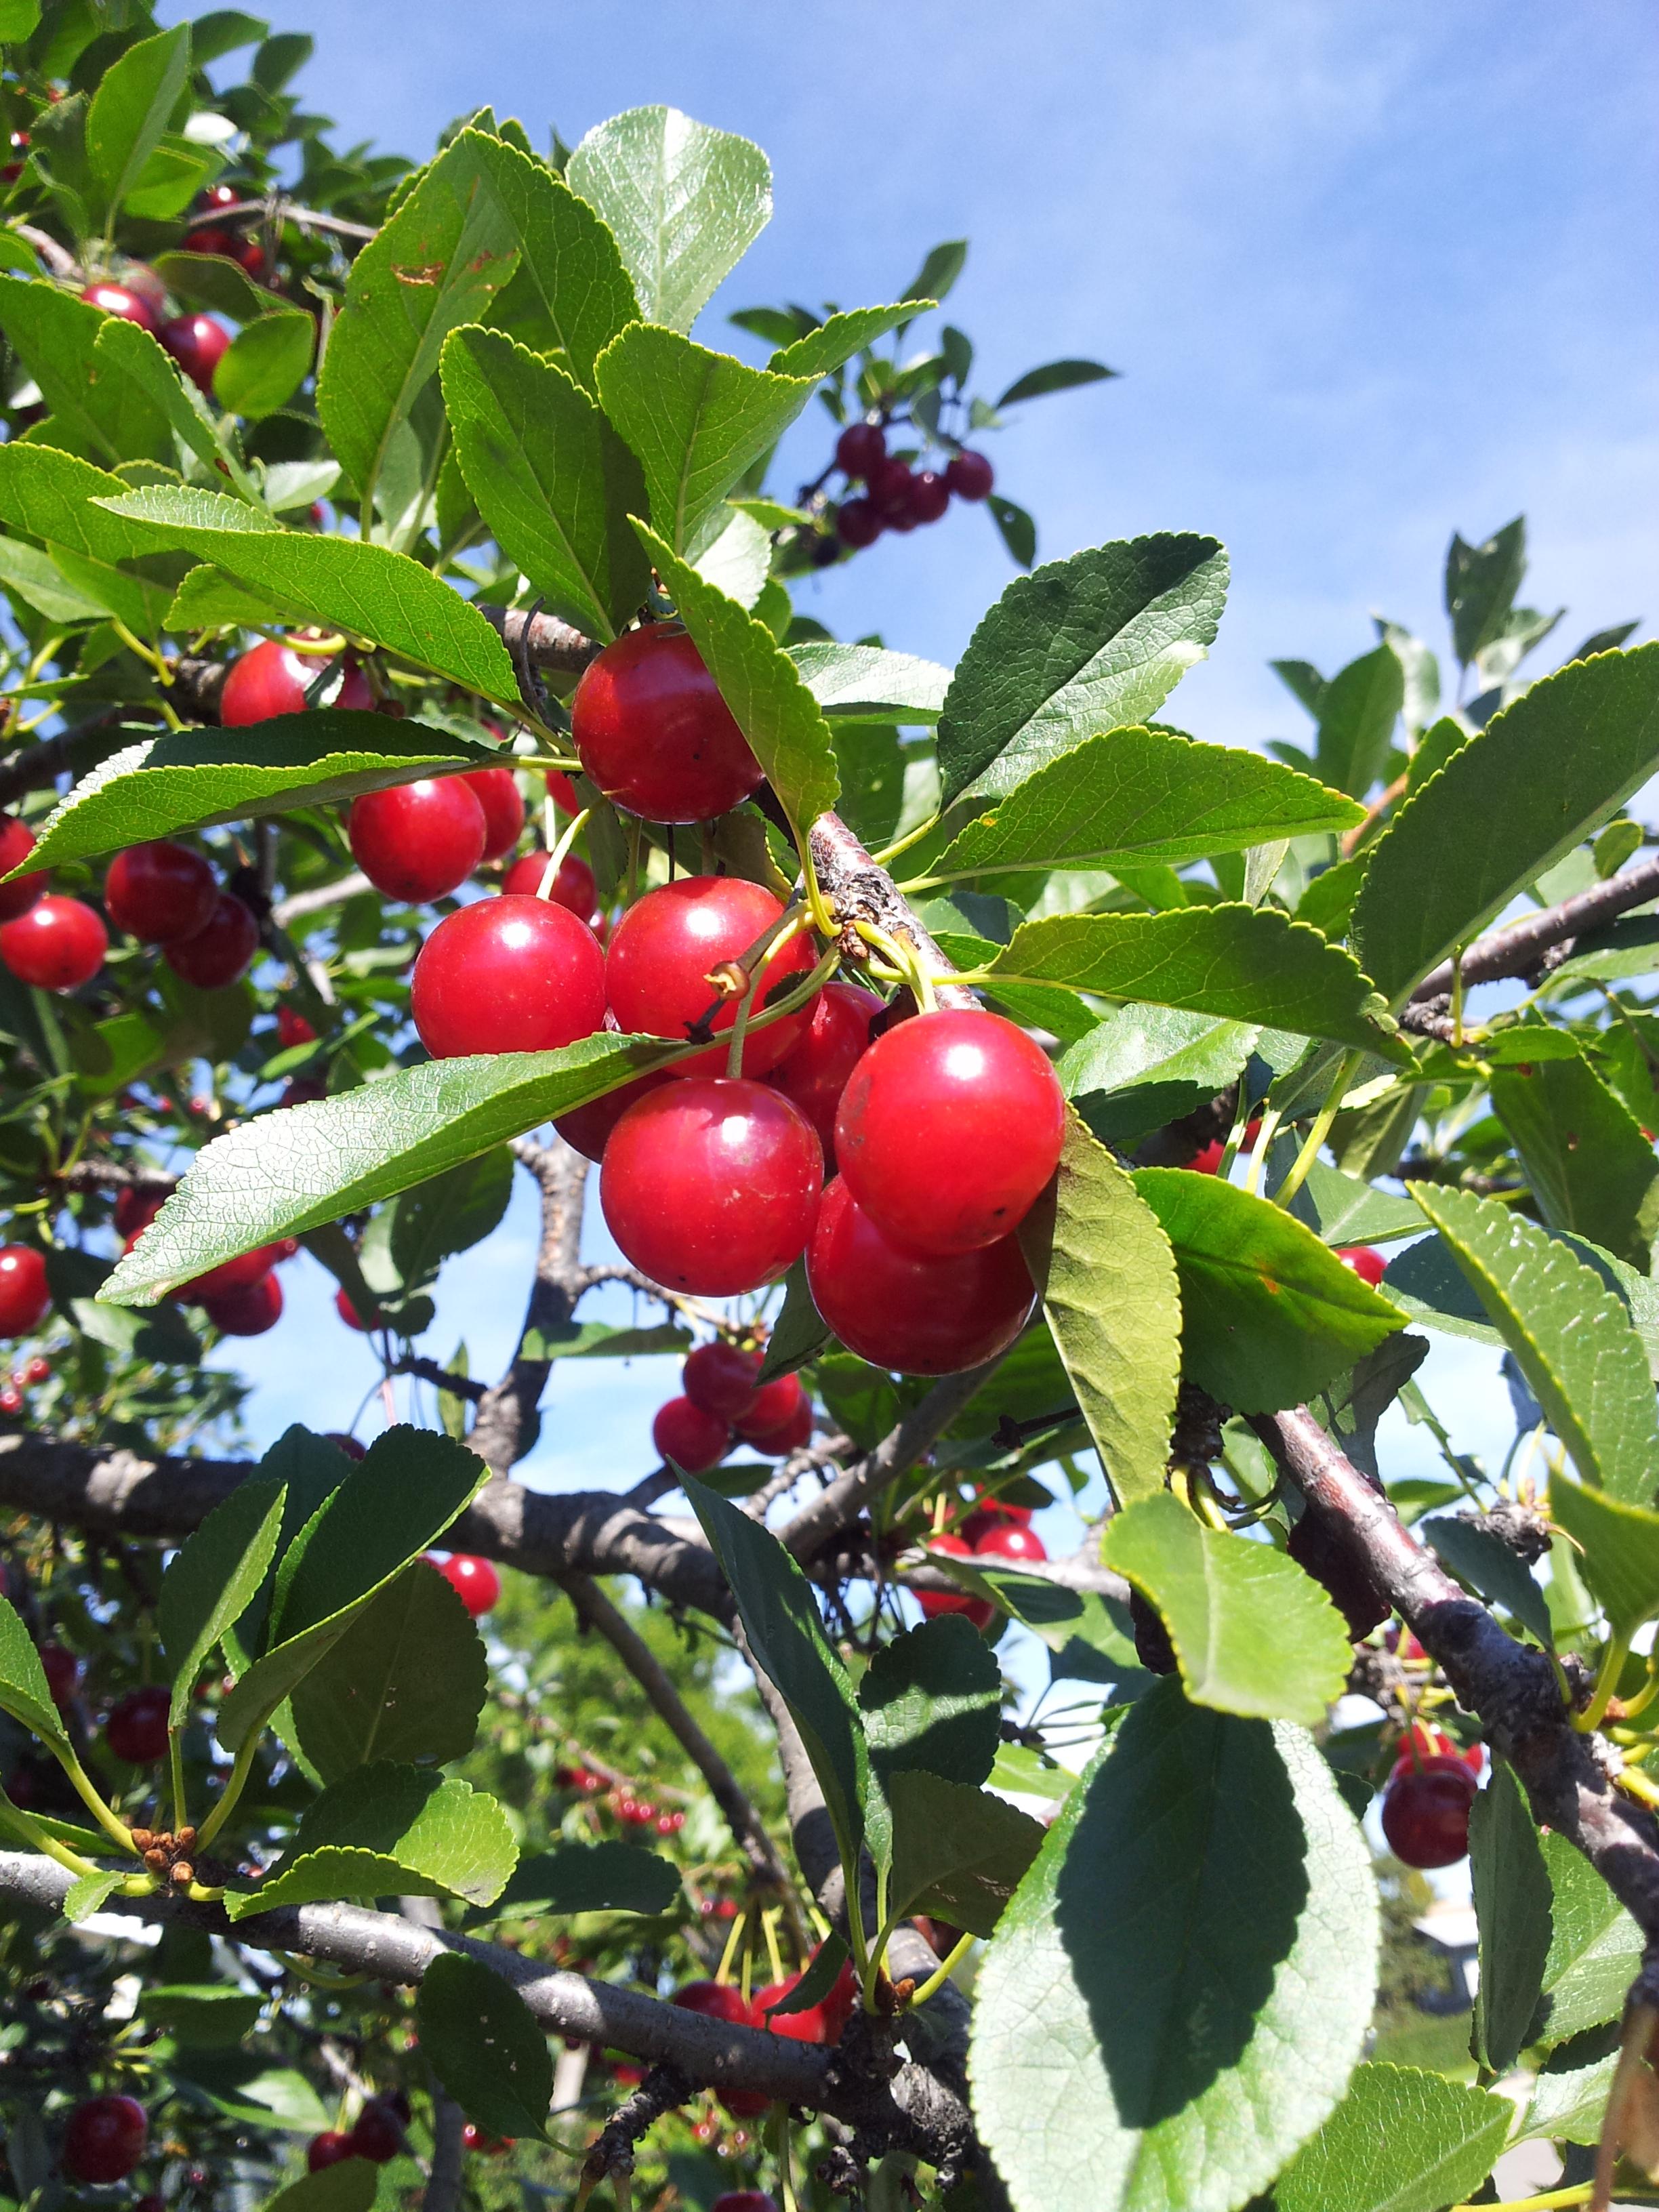 cherries on the tree.jpg